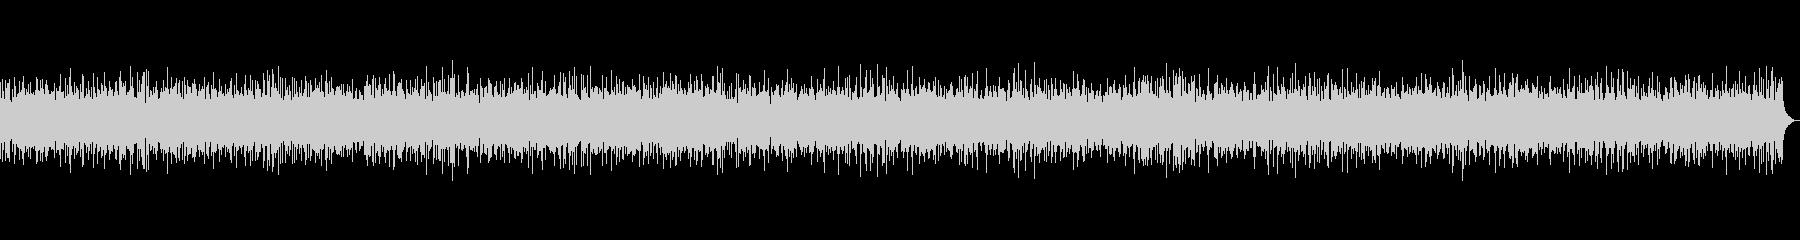 ゆったりのんびりハワイアンウクレレバンドの未再生の波形